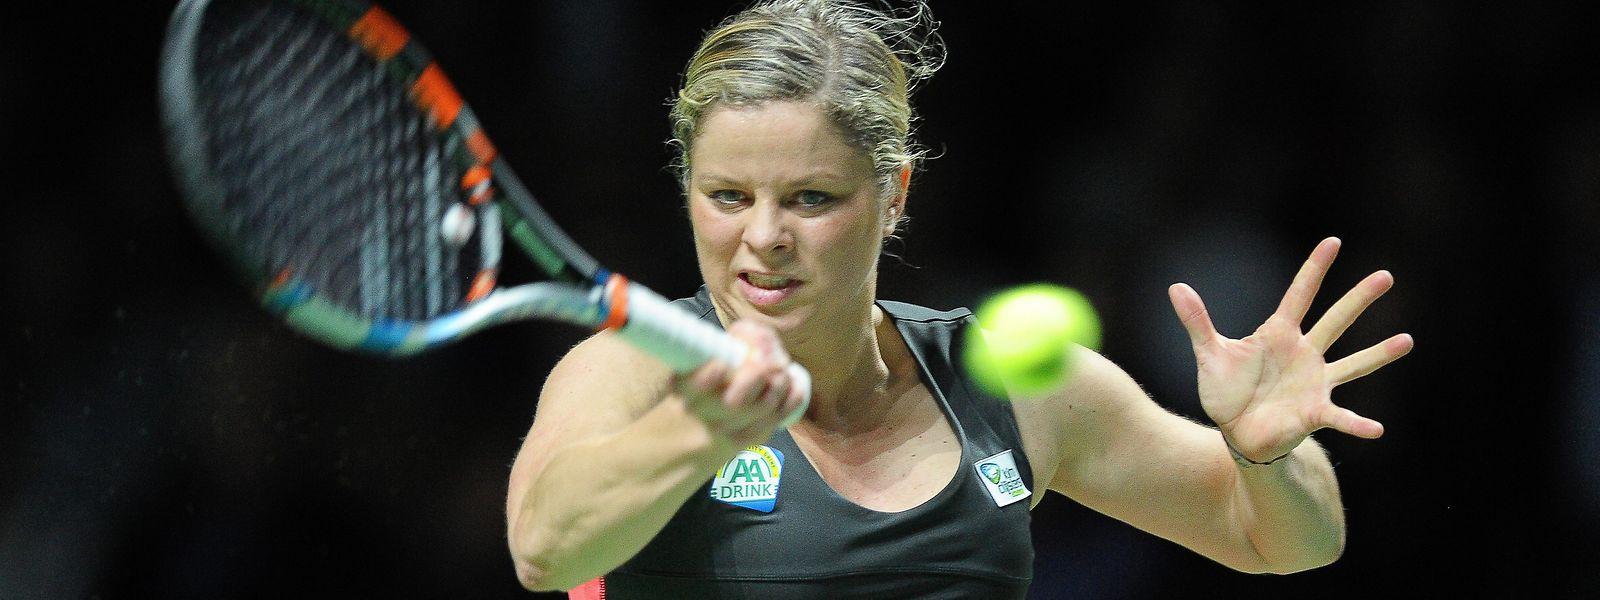 Kim Clijsters a remporté cinq fois le tournoi de Luxembourg